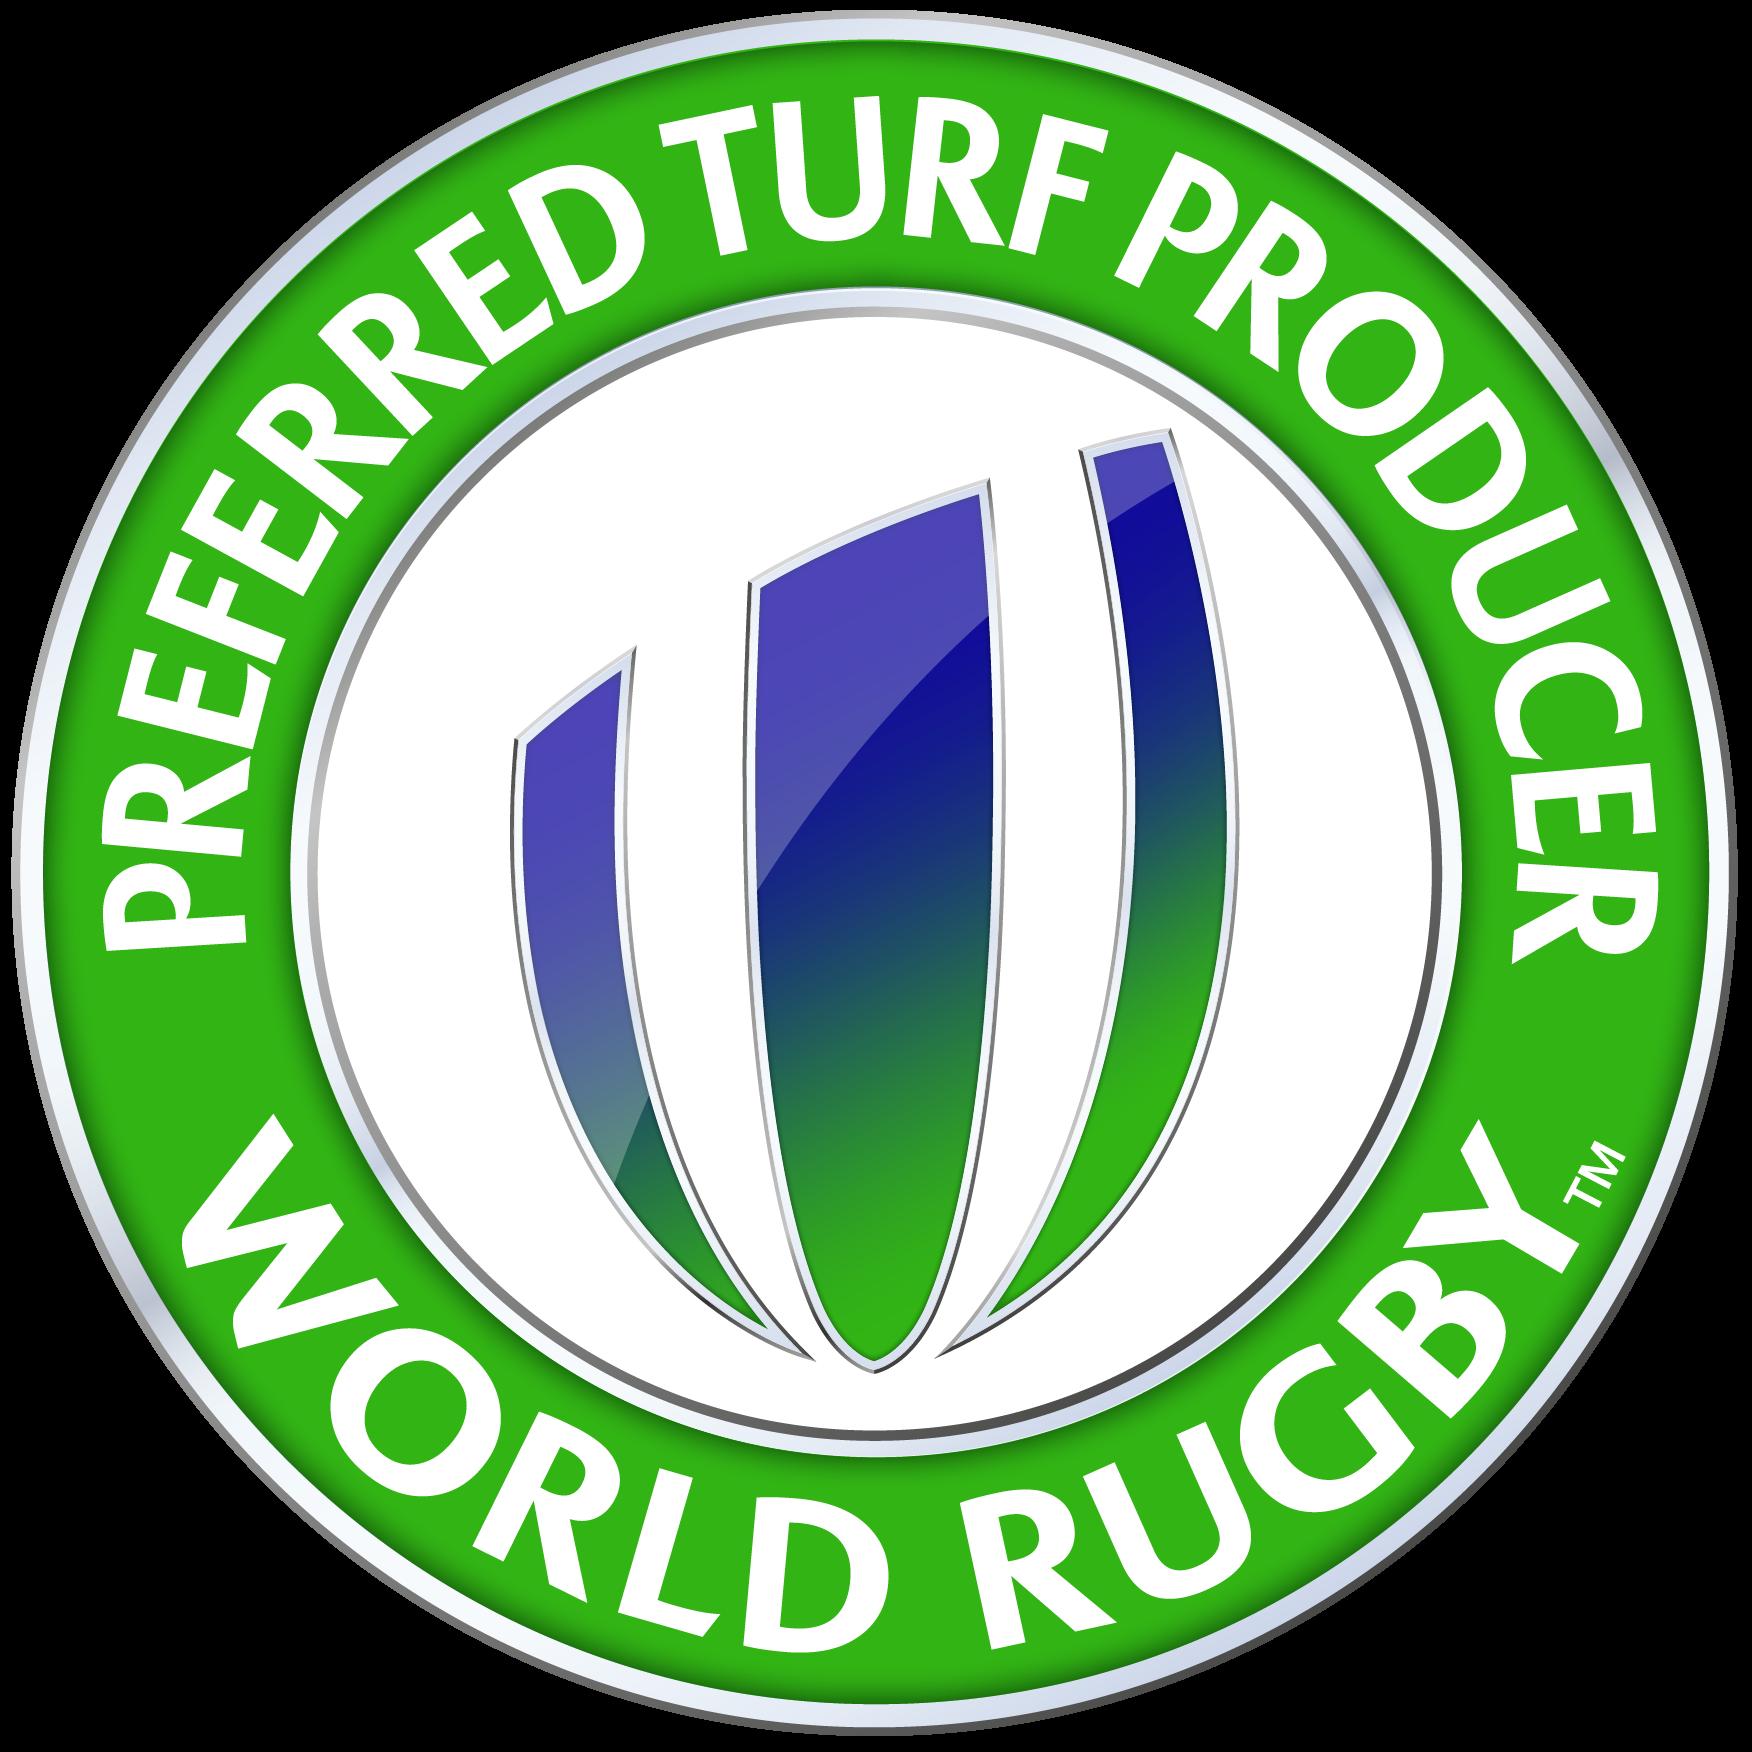 IRB_PREFERRED-TURF-PRODUCER_mark_fc